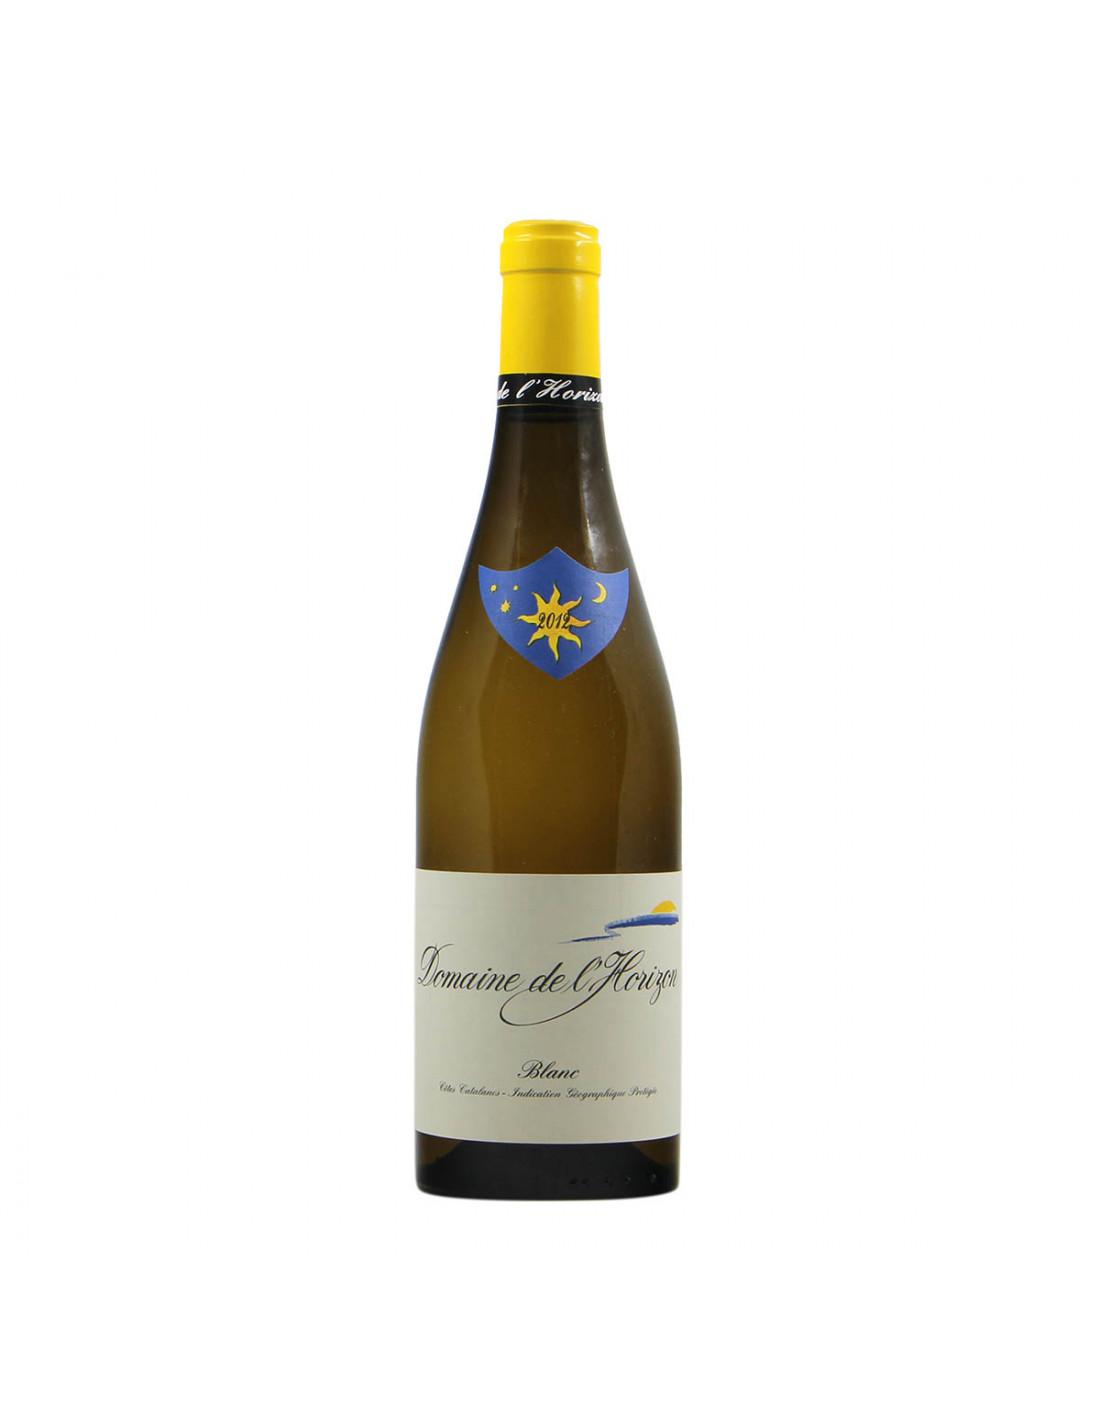 Domaine de L Horizon Cotes Catalans Blanc 2012 Grandi Bottiglie